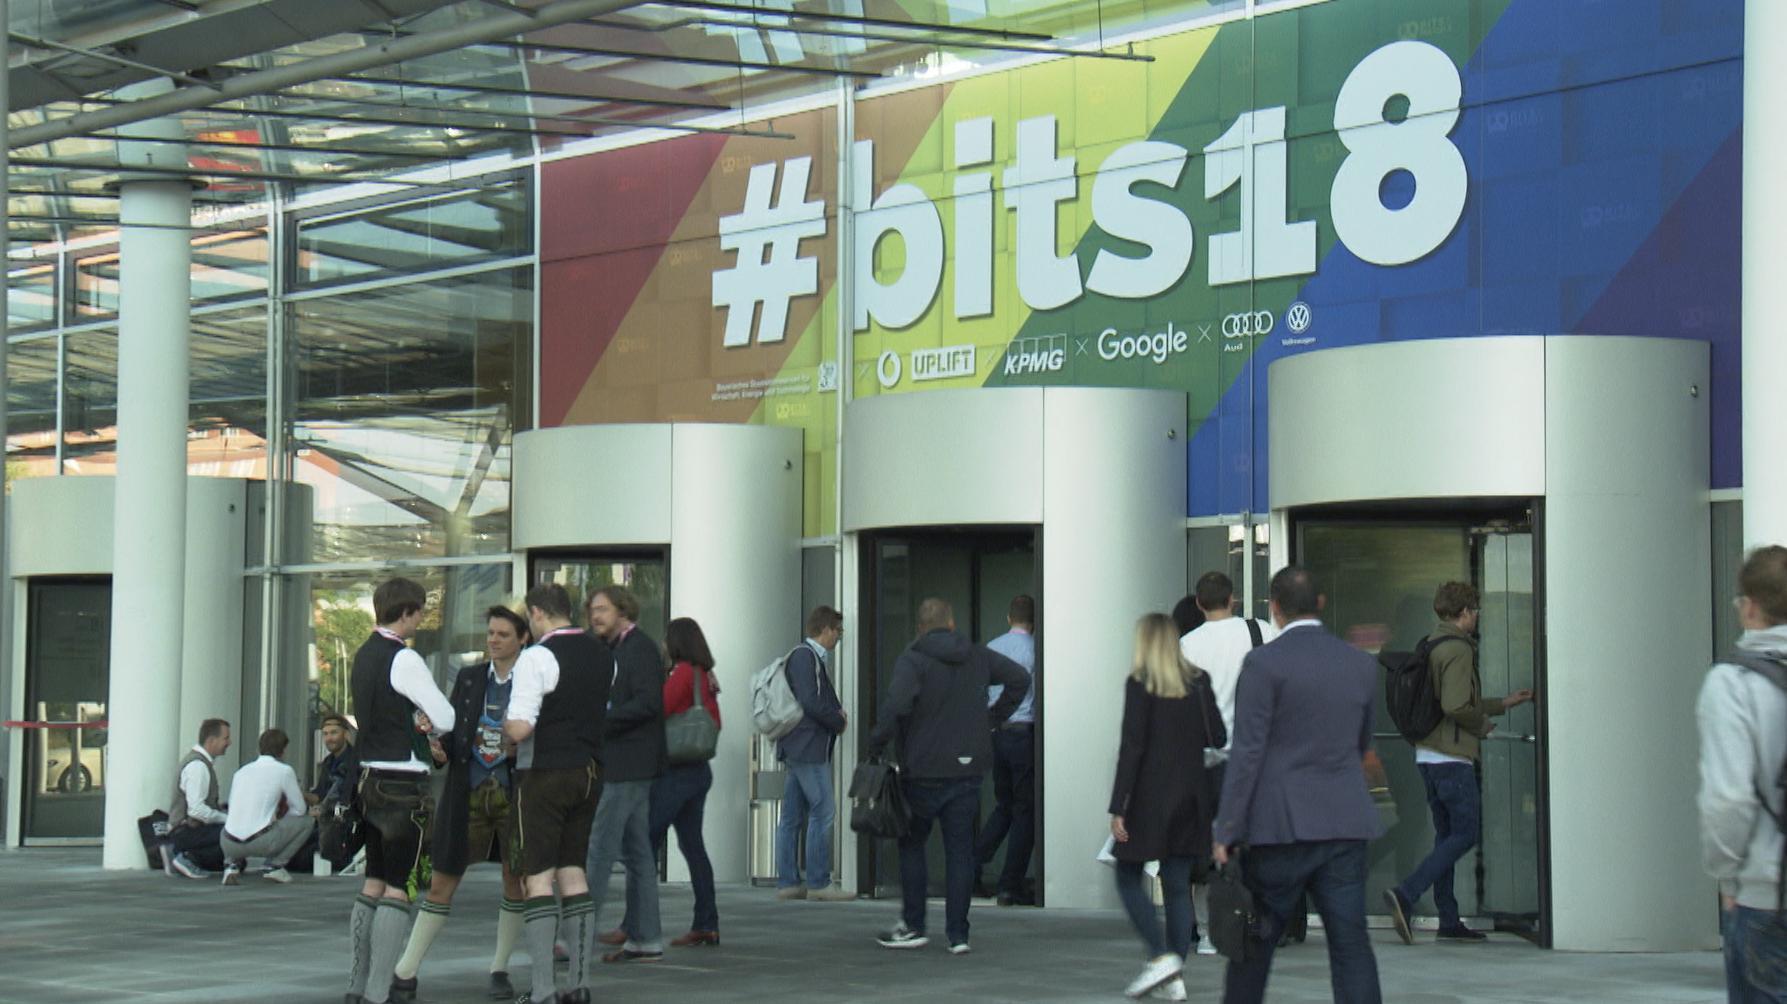 Eingang der Messe #bits18